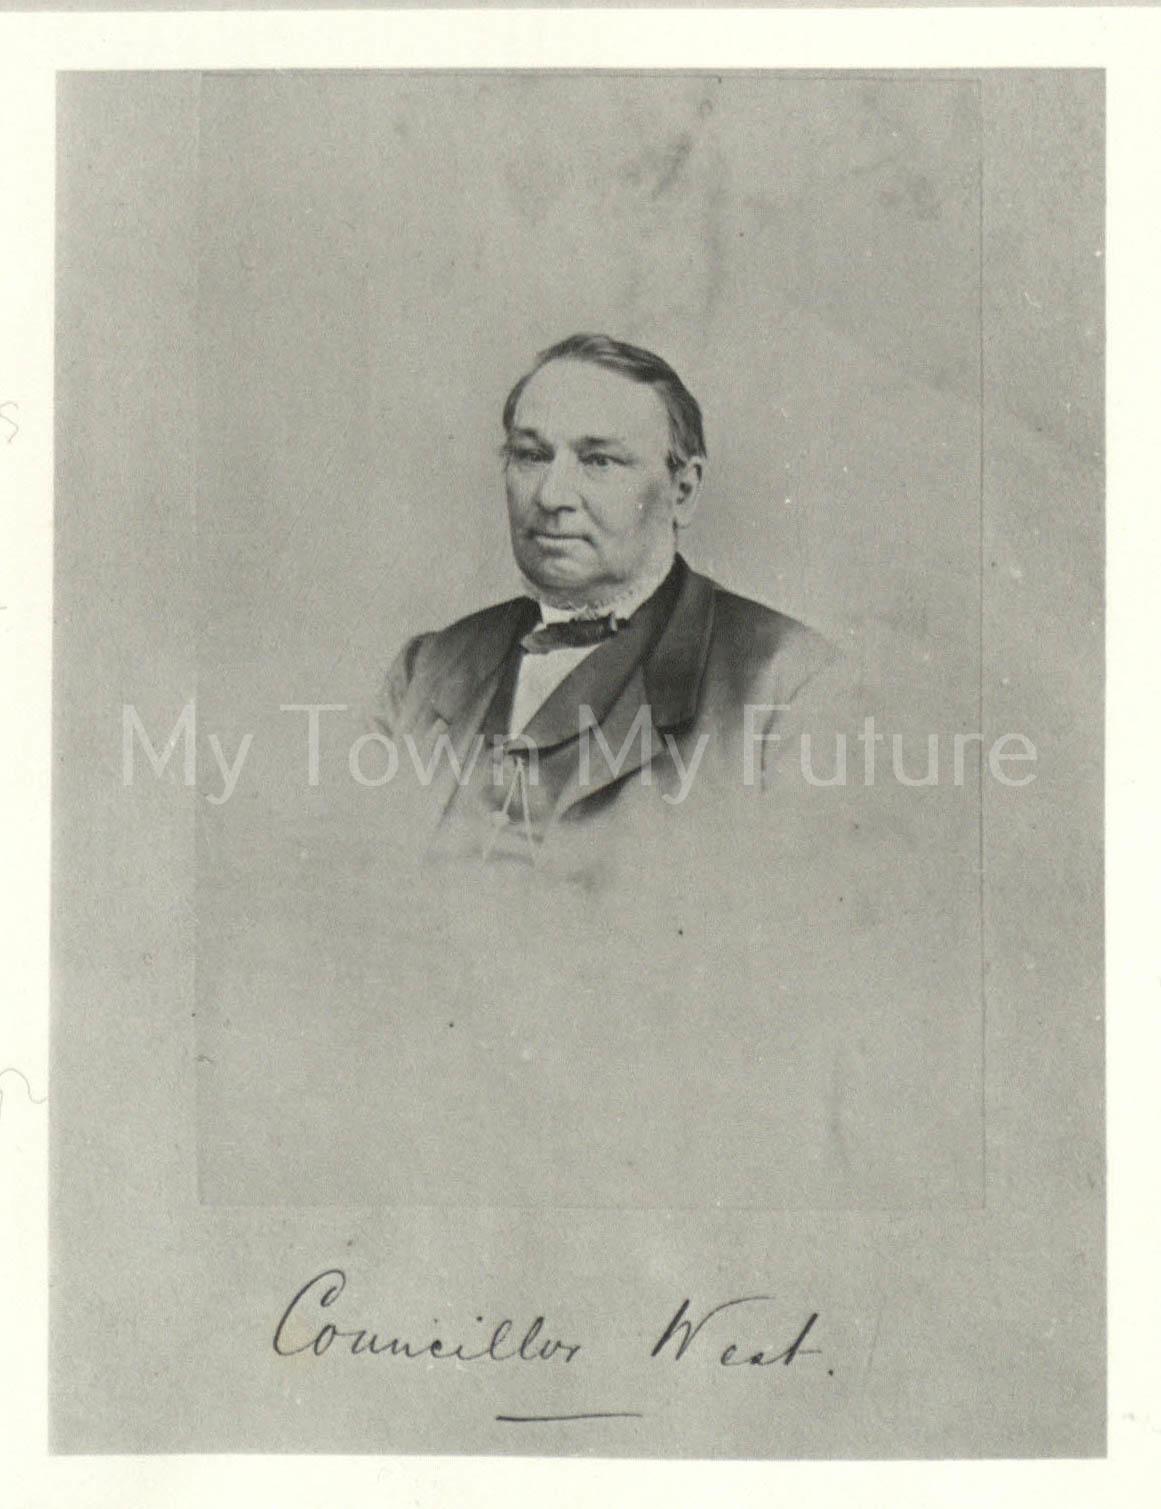 Councillor West